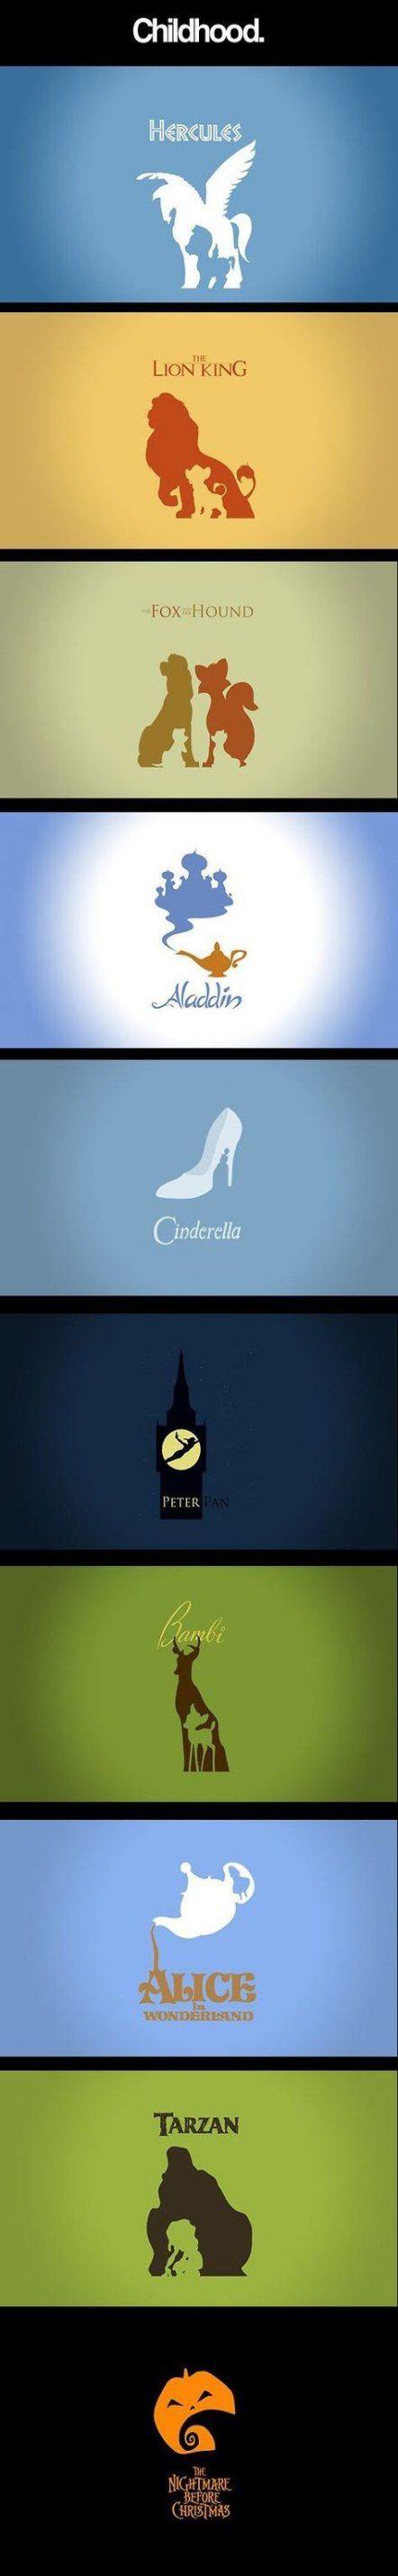 Tattoo Disney Castle Fairy Tales 19+ Ideas #tattoo